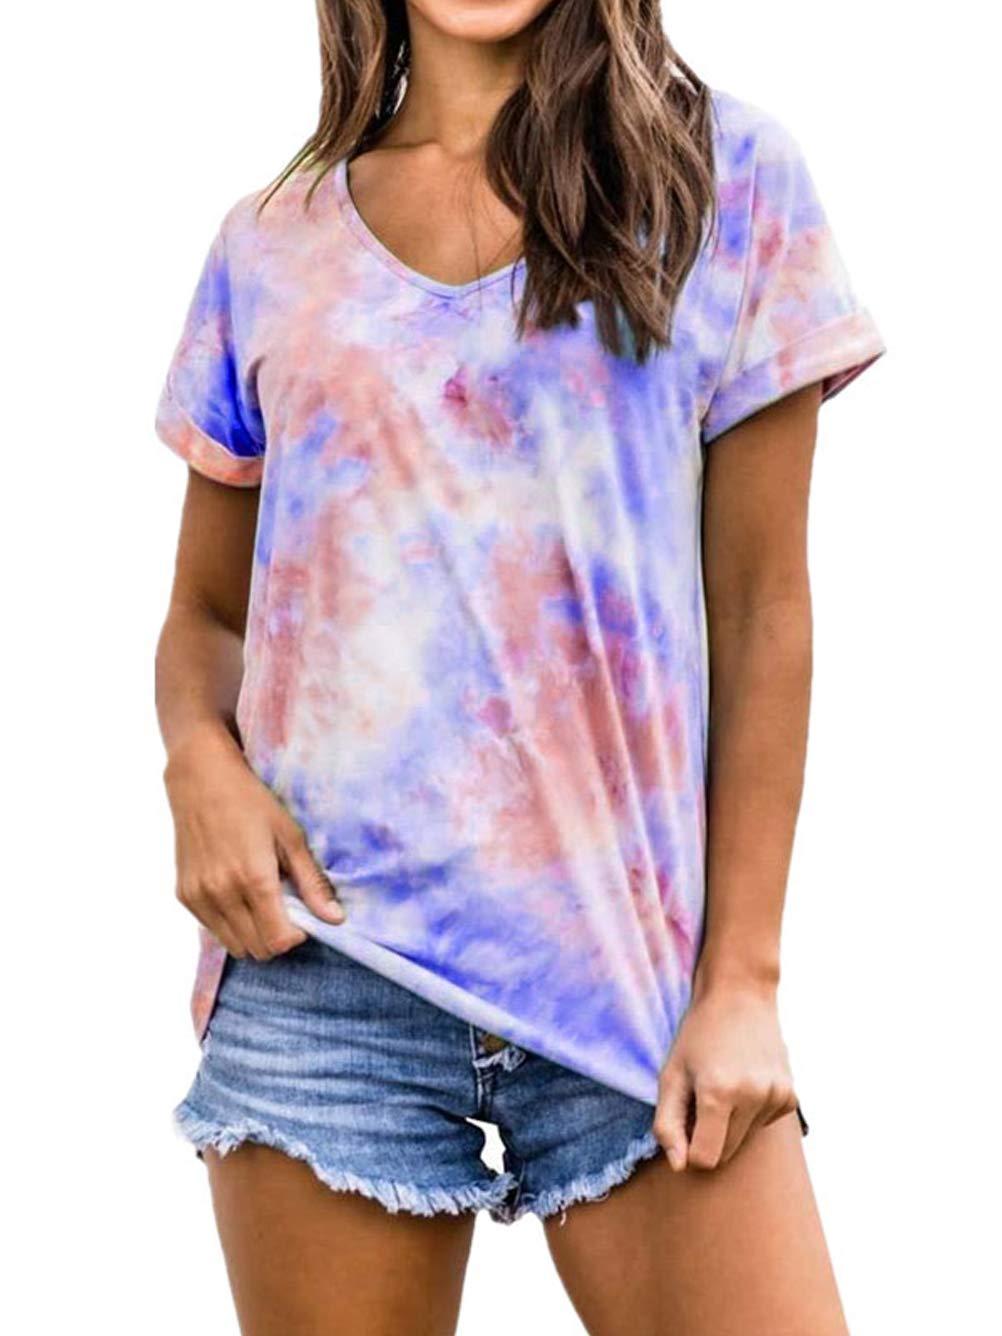 Kaei&Shi Tie Dye Shirt Women, Colorful Tops,Tye Dye Printed Tshirts for Women, Summer Casual T Shirt